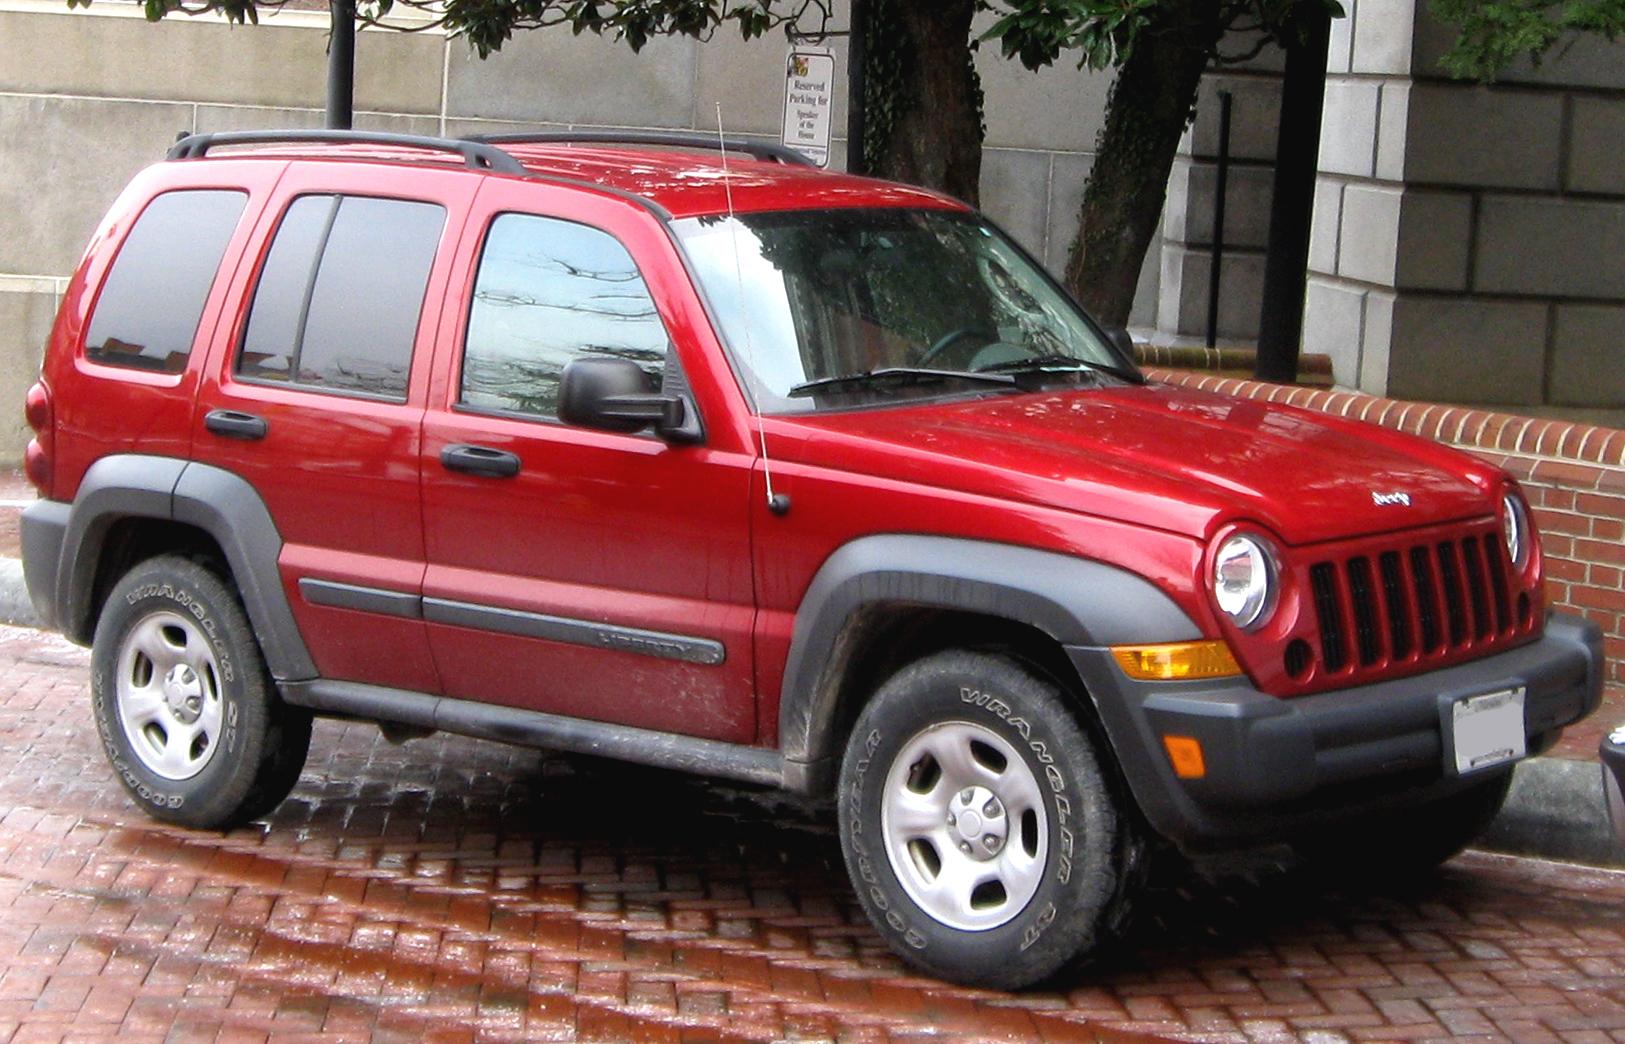 file:2005-2007 jeep liberty -- 01-13-2010 - wikimedia commons